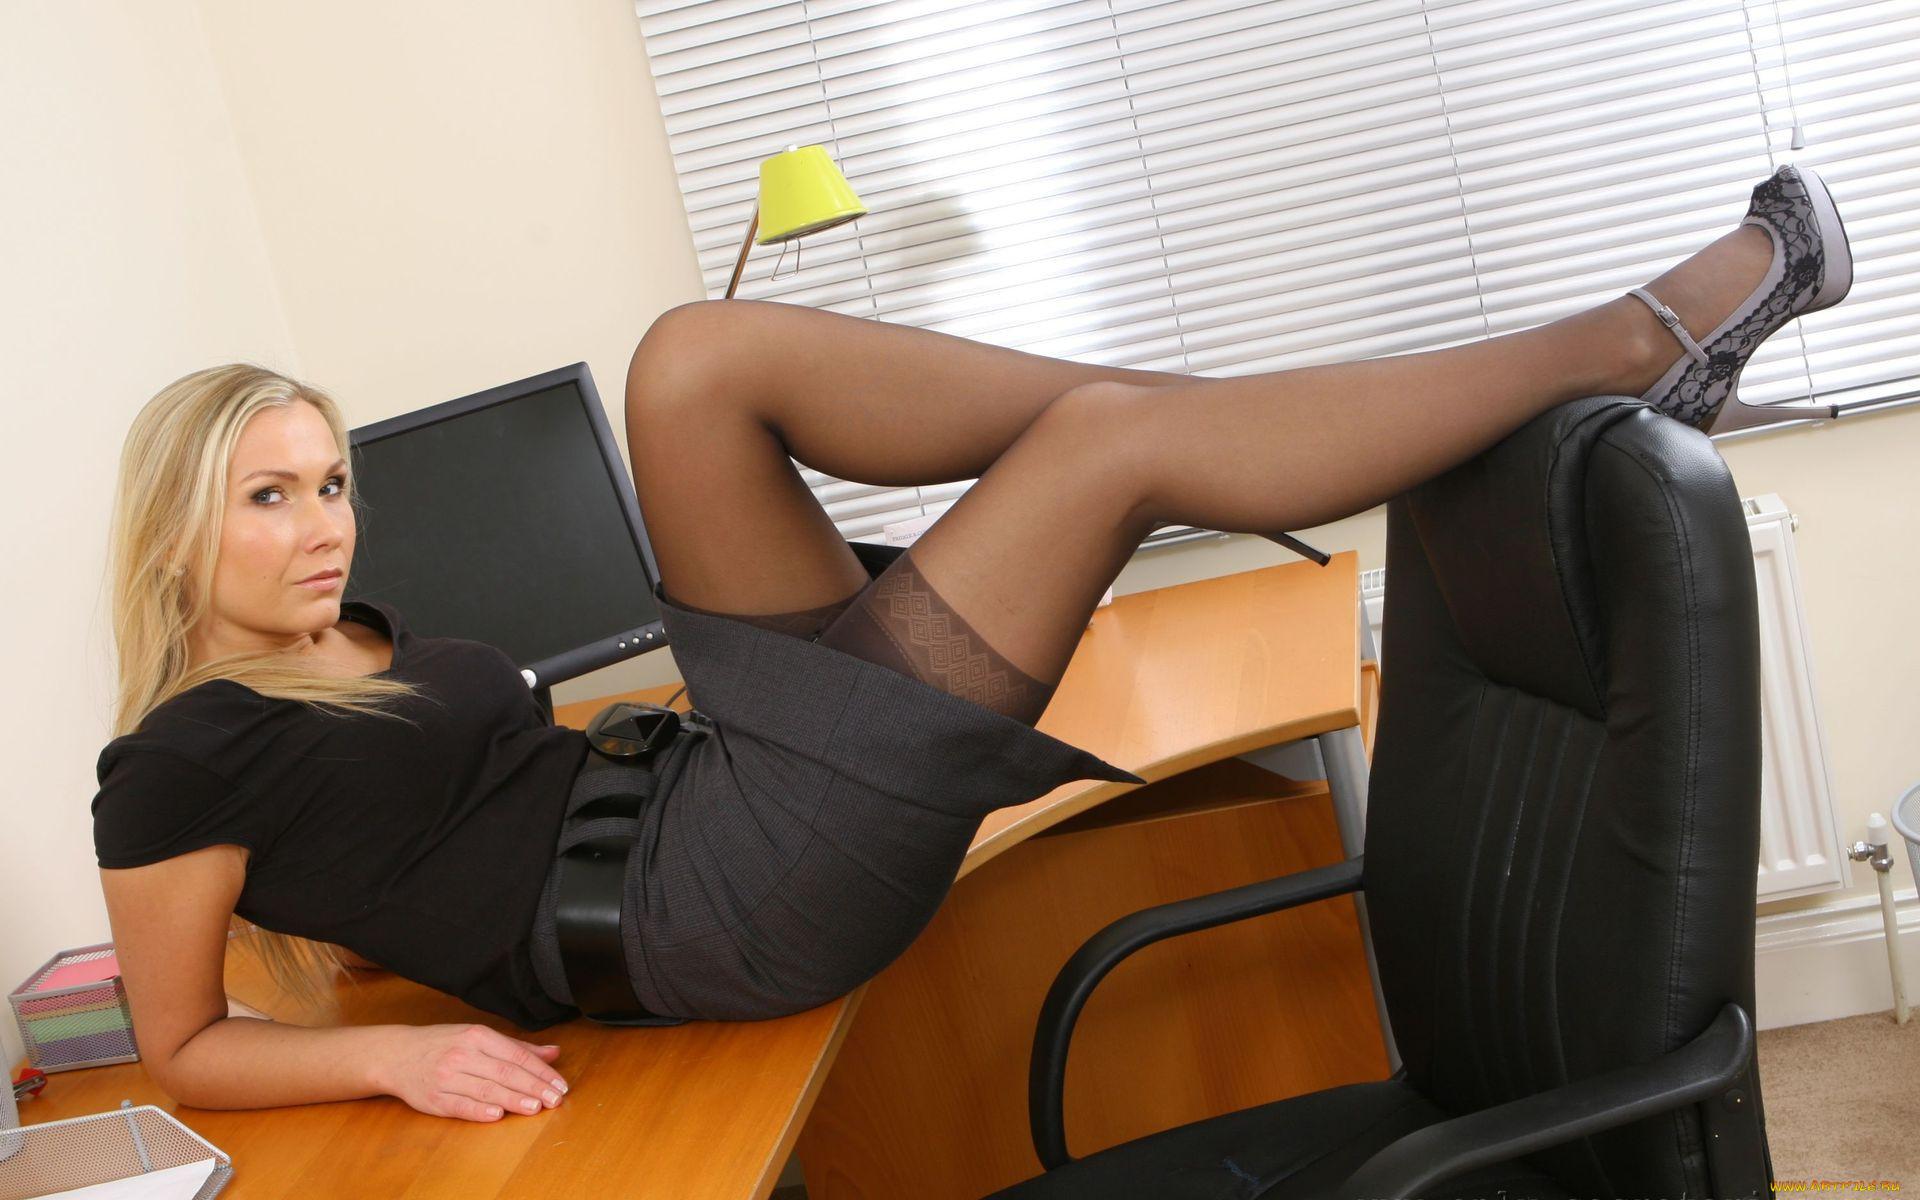 Порно с секретаршами онлайн brauzer